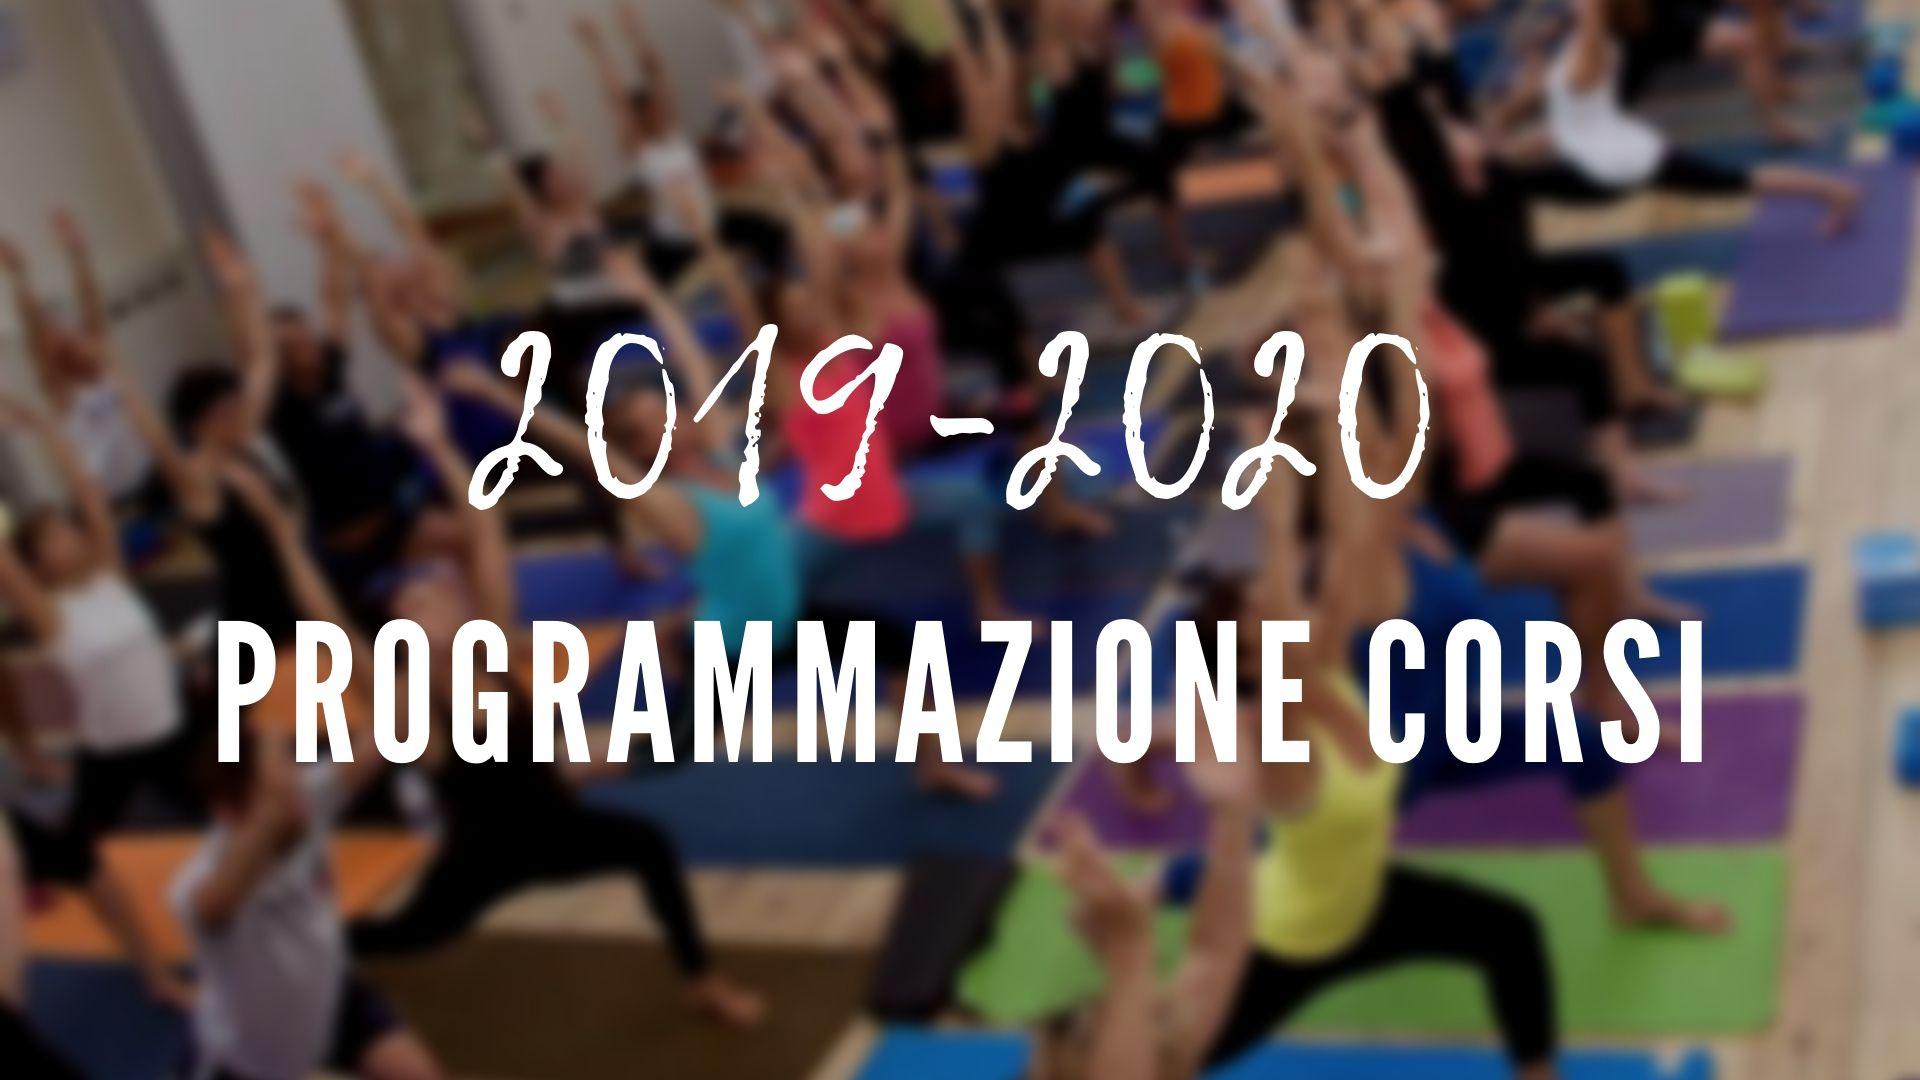 Programmazione Corsi 2019-2020